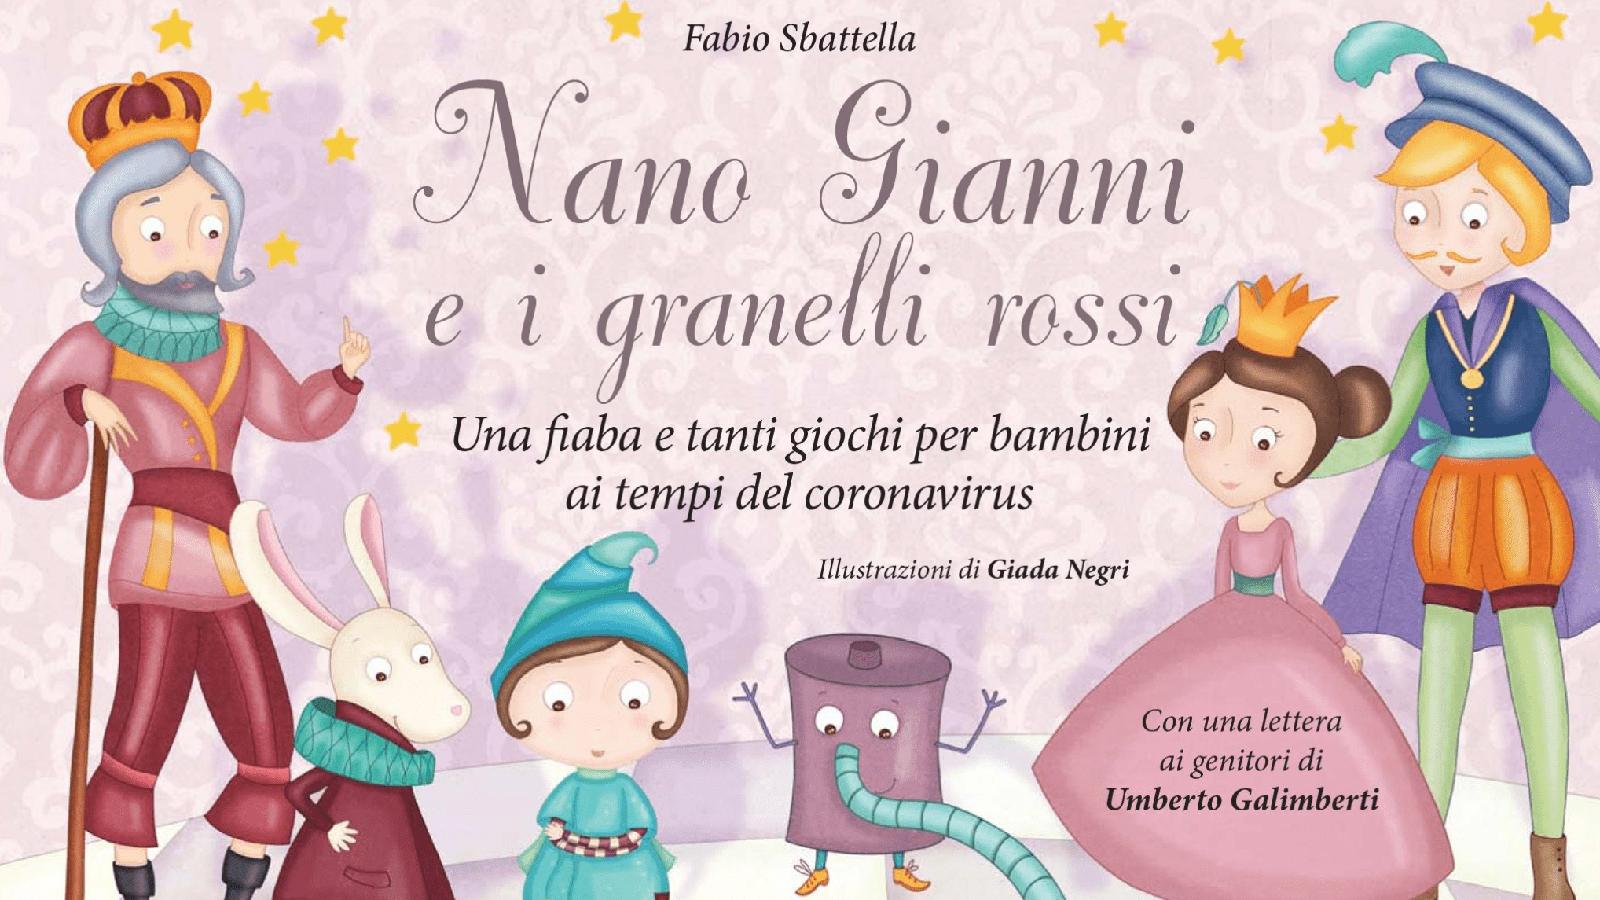 Nano Gianni e i granelli rossi (2020) di Fabio Sbattella – Recensione del libro